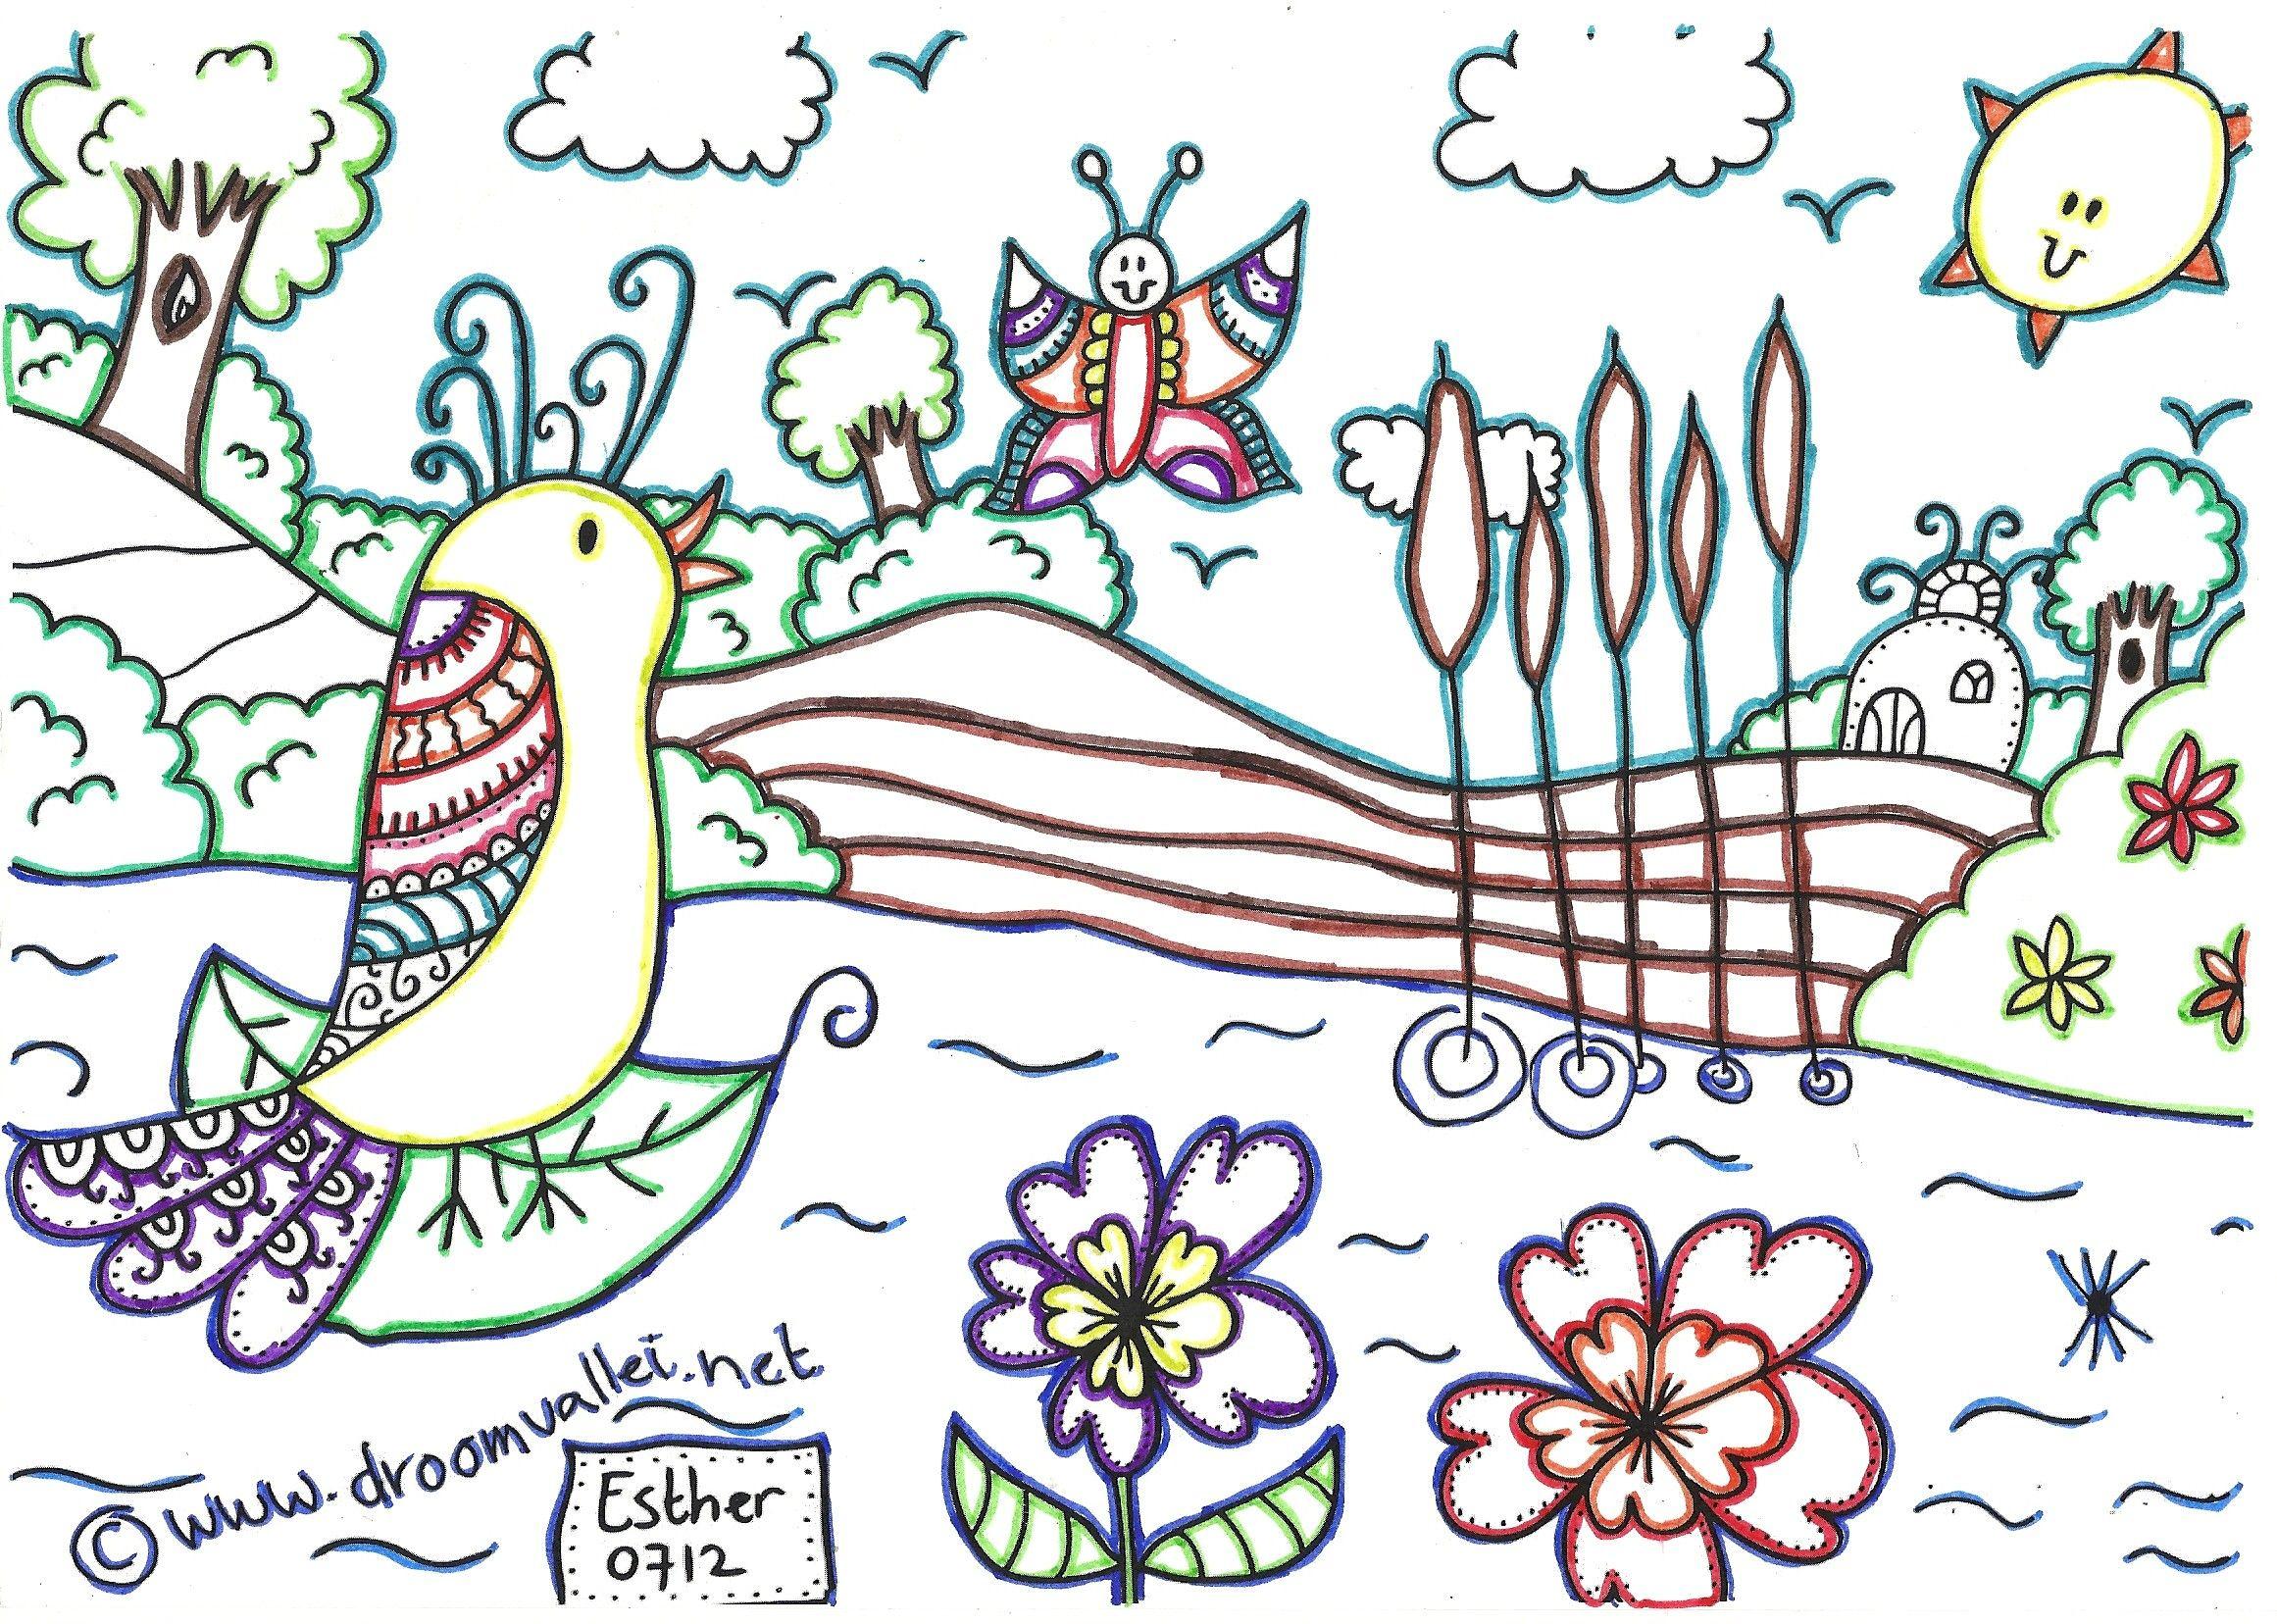 Marlieke 22 Jaar Oud Heeft Deze Kleurplaat Ingeleverd Wat Een Leuk En Creatief Idee Kleurplaten Creatief Idee